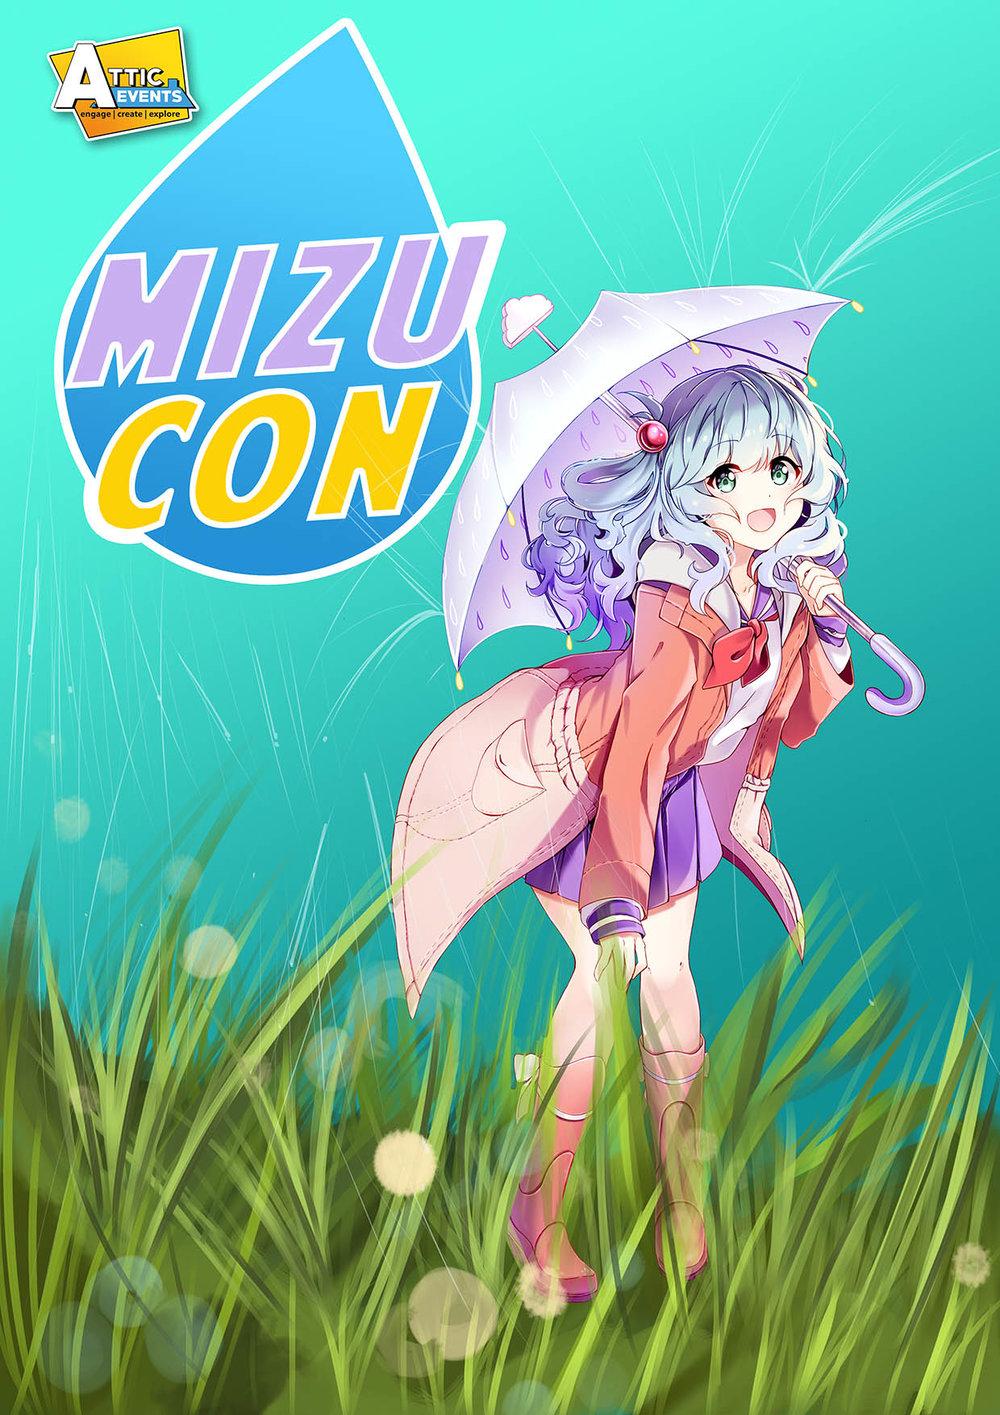 mizu_mascotA4_painting_no info.jpg